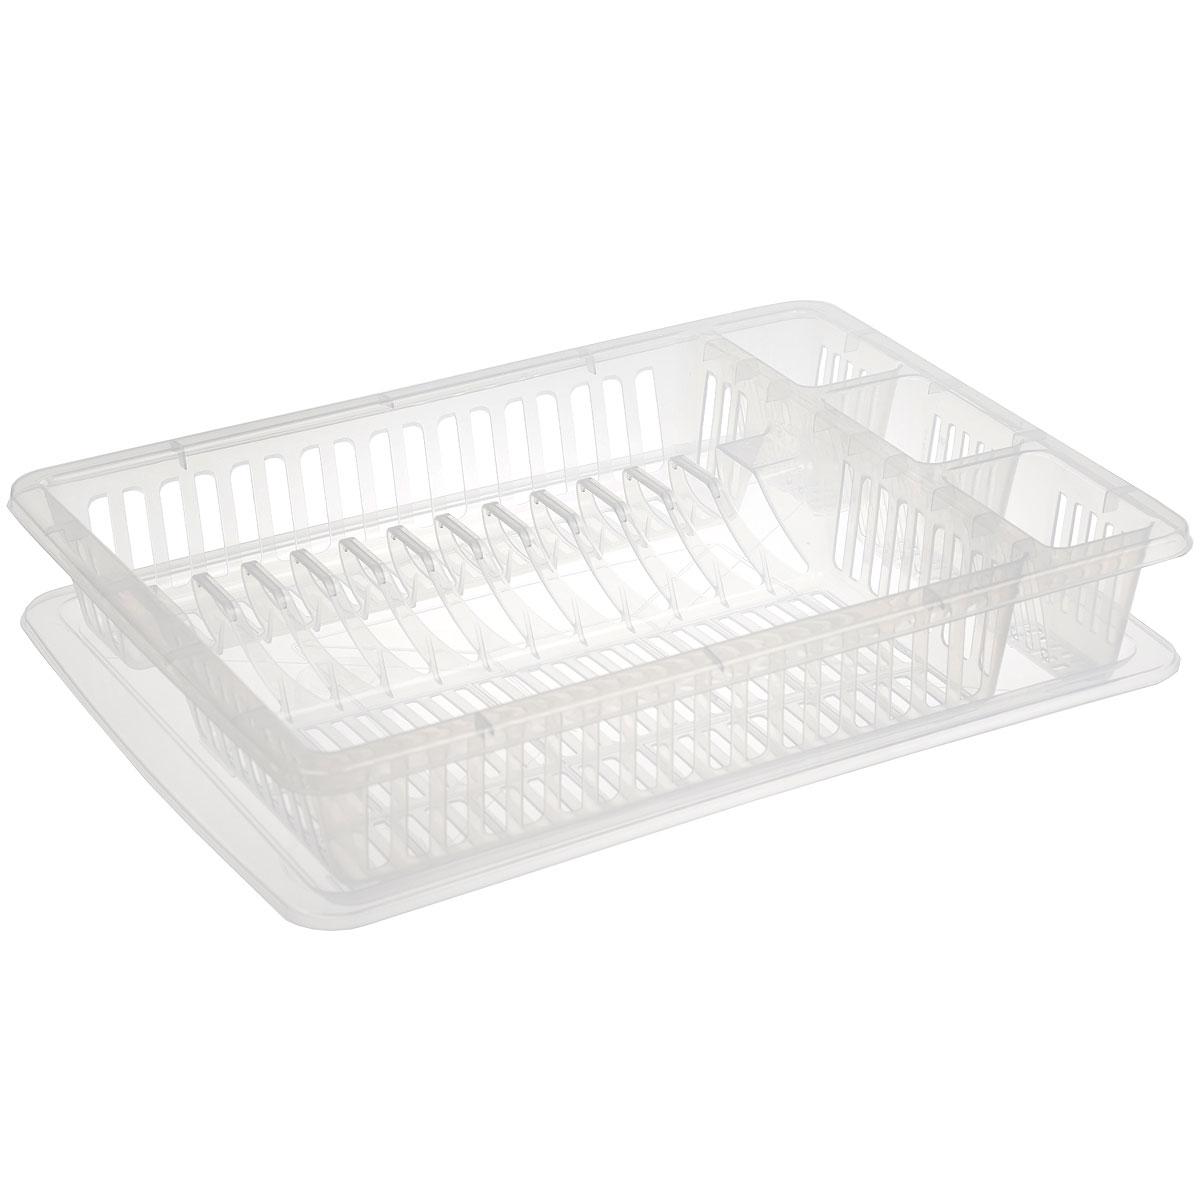 Сушилка для посуды Dunya Plastik, с поддоном, цвет: прозрачный, 46,5 х 37 х 9 см7307Сушилка Dunya Plastik, выполненная из прочного пластика, представляет собой решетку с ячейками, в которые помещается посуда: тарелки, кружки, ложки, ножи и другие столовые приборы. Изделие оснащено пластиковым поддоном для стекания воды. Сушилка Dunya Plastik не займет много места на вашей кухне, а вы сможете разместить на ней большое количество предметов. Сушилку можете установить в любом удобном месте. Компактные размеры и оригинальный дизайн выделяют эту сушку из ряда подобных. Размер: 46,5 см х 37 см х 9 см.